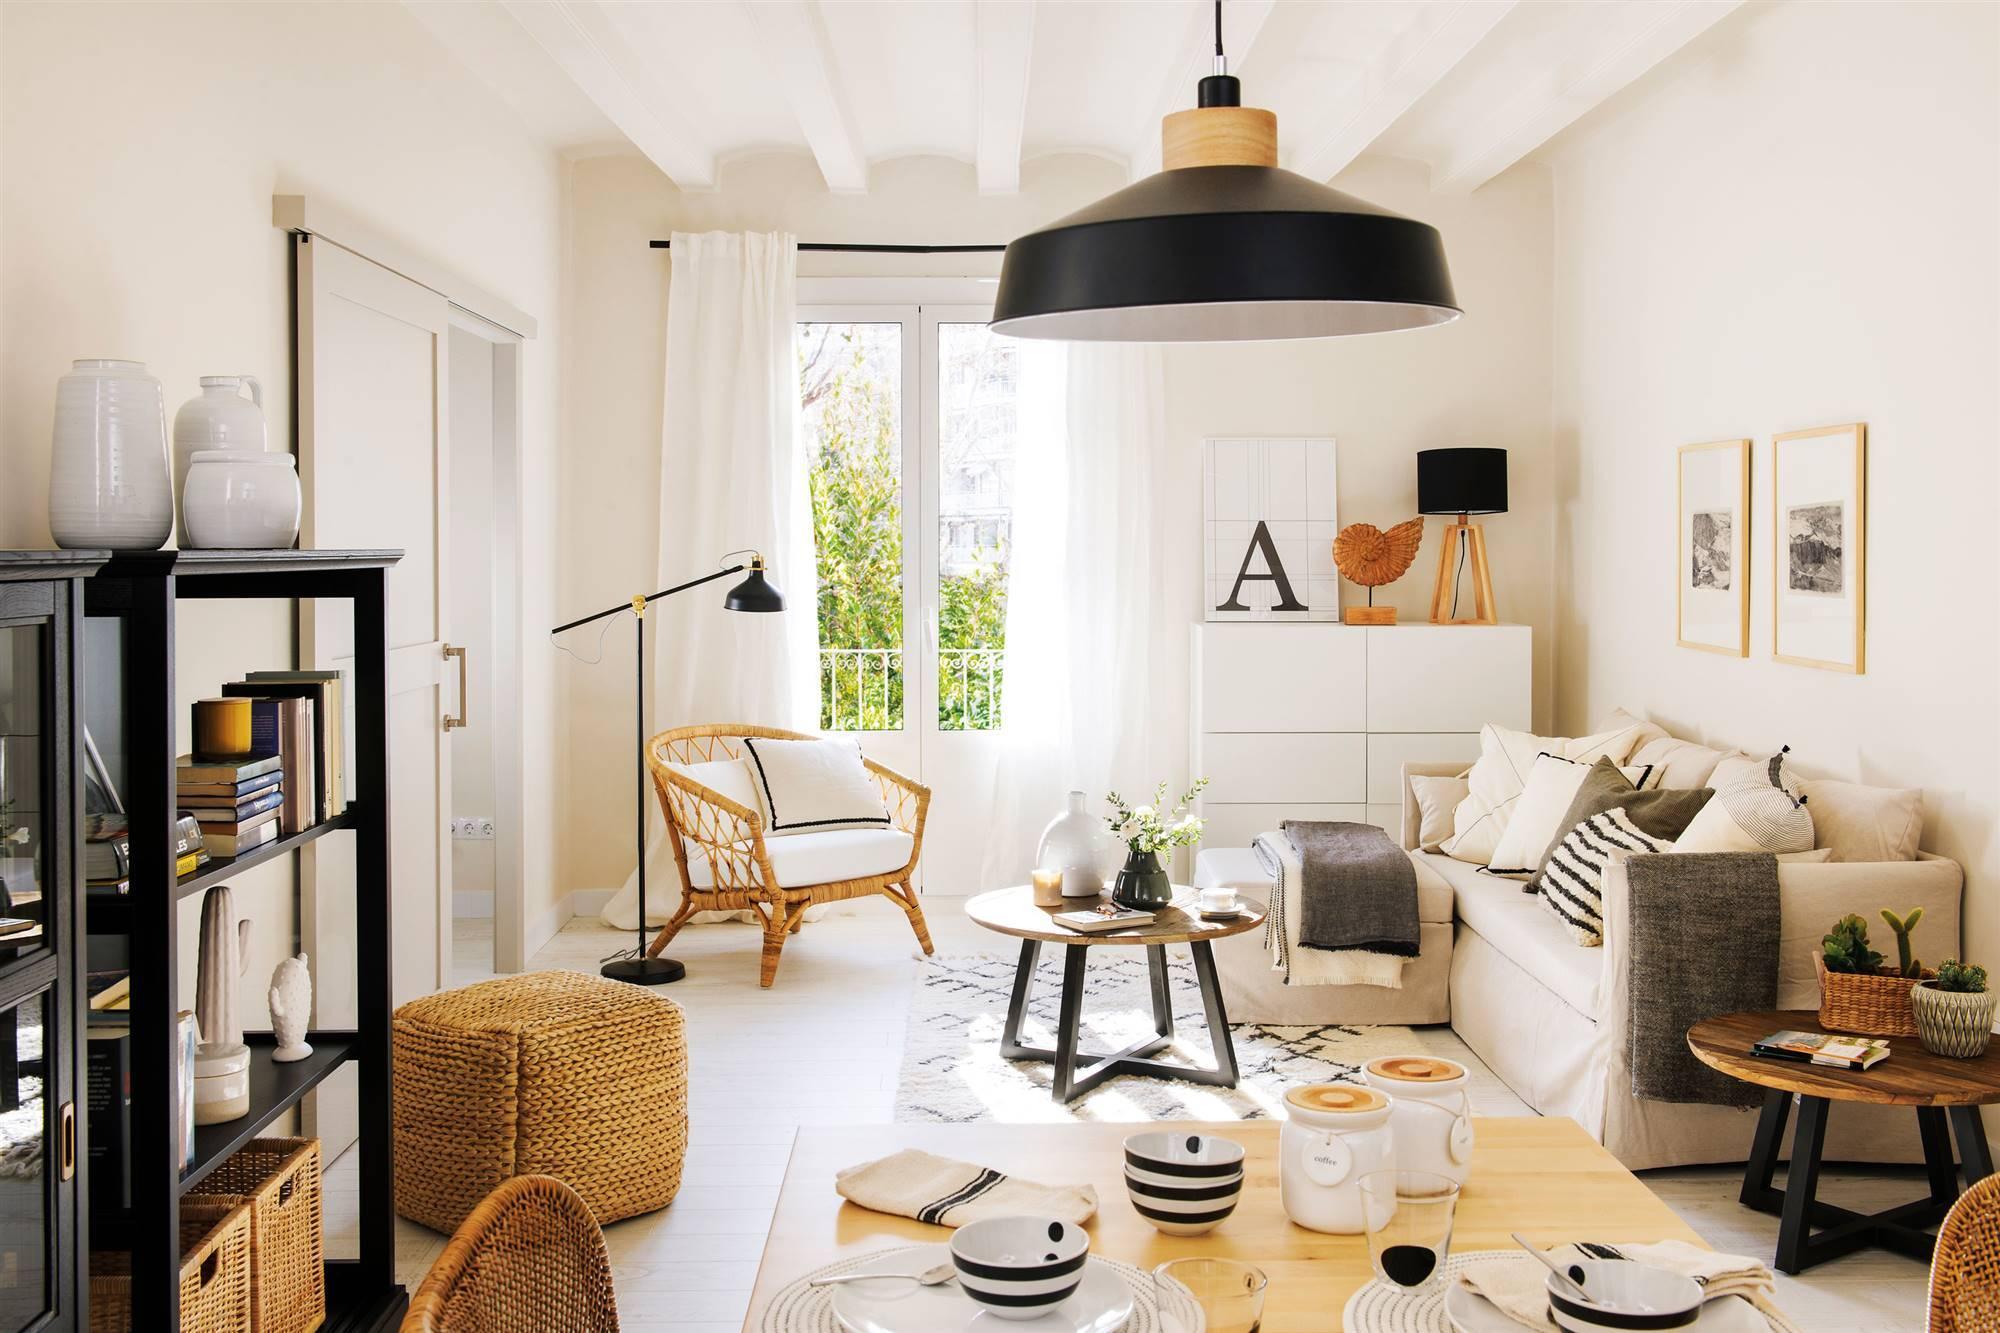 Las cortinas ideales para casas pequeñas.